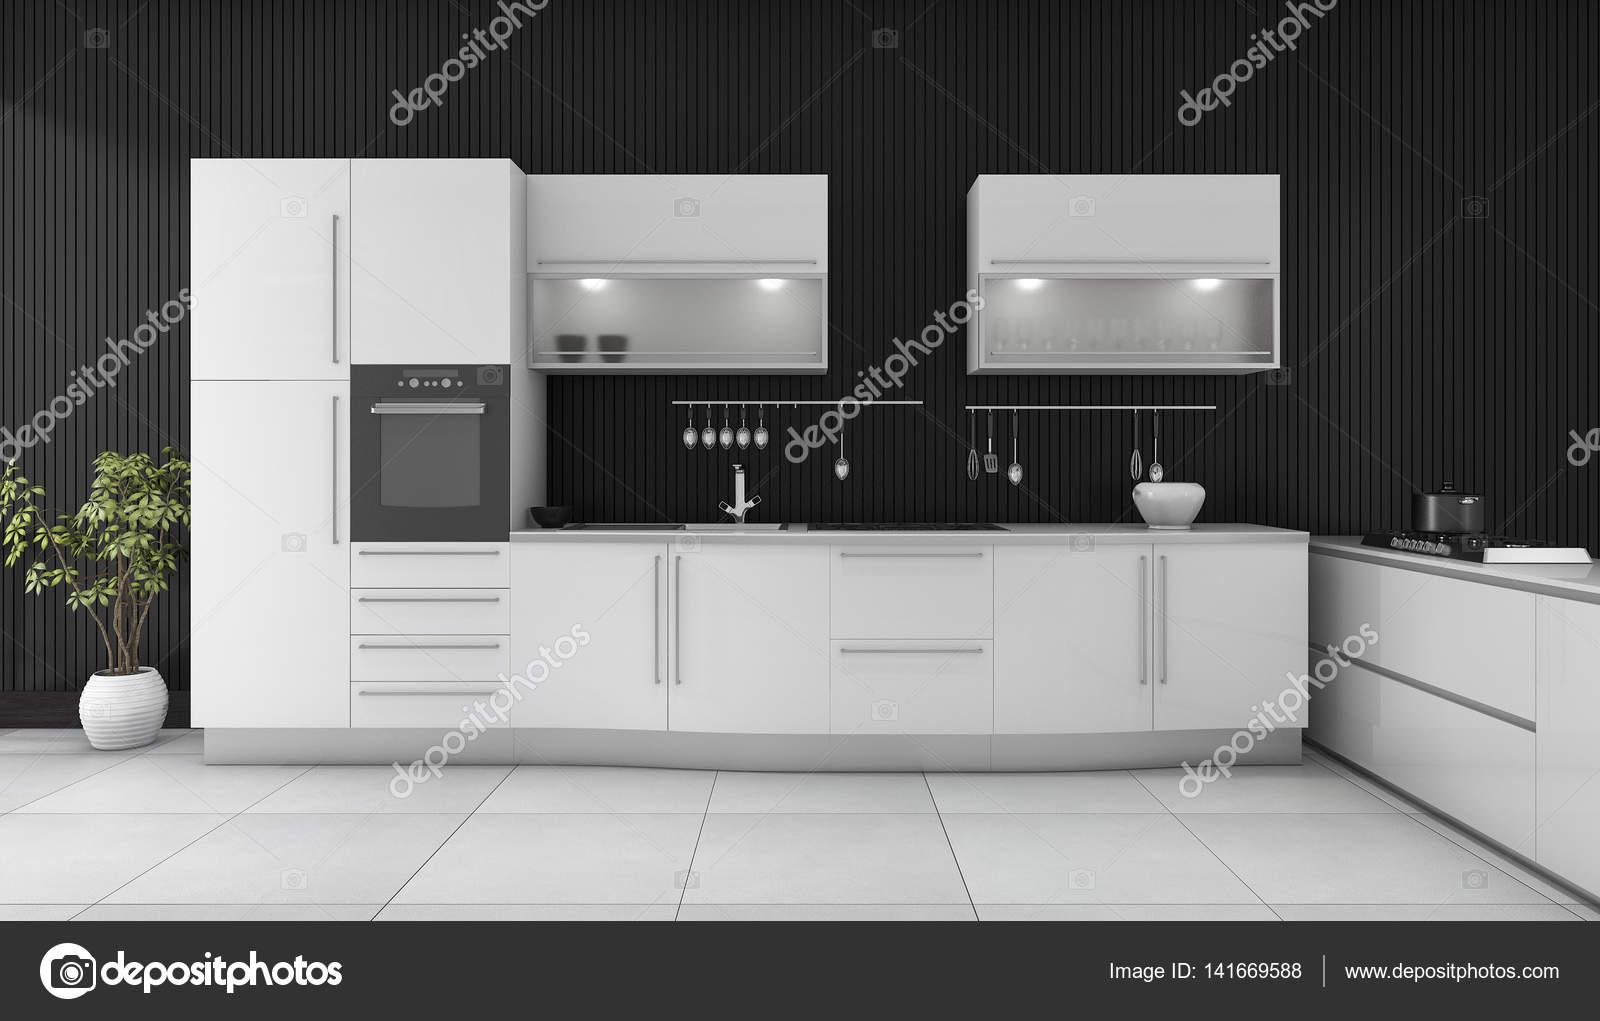 Outdoor Küche Aus Türkei : Küche modern schwarz outdoor küche ausstattung deckenregal ikea